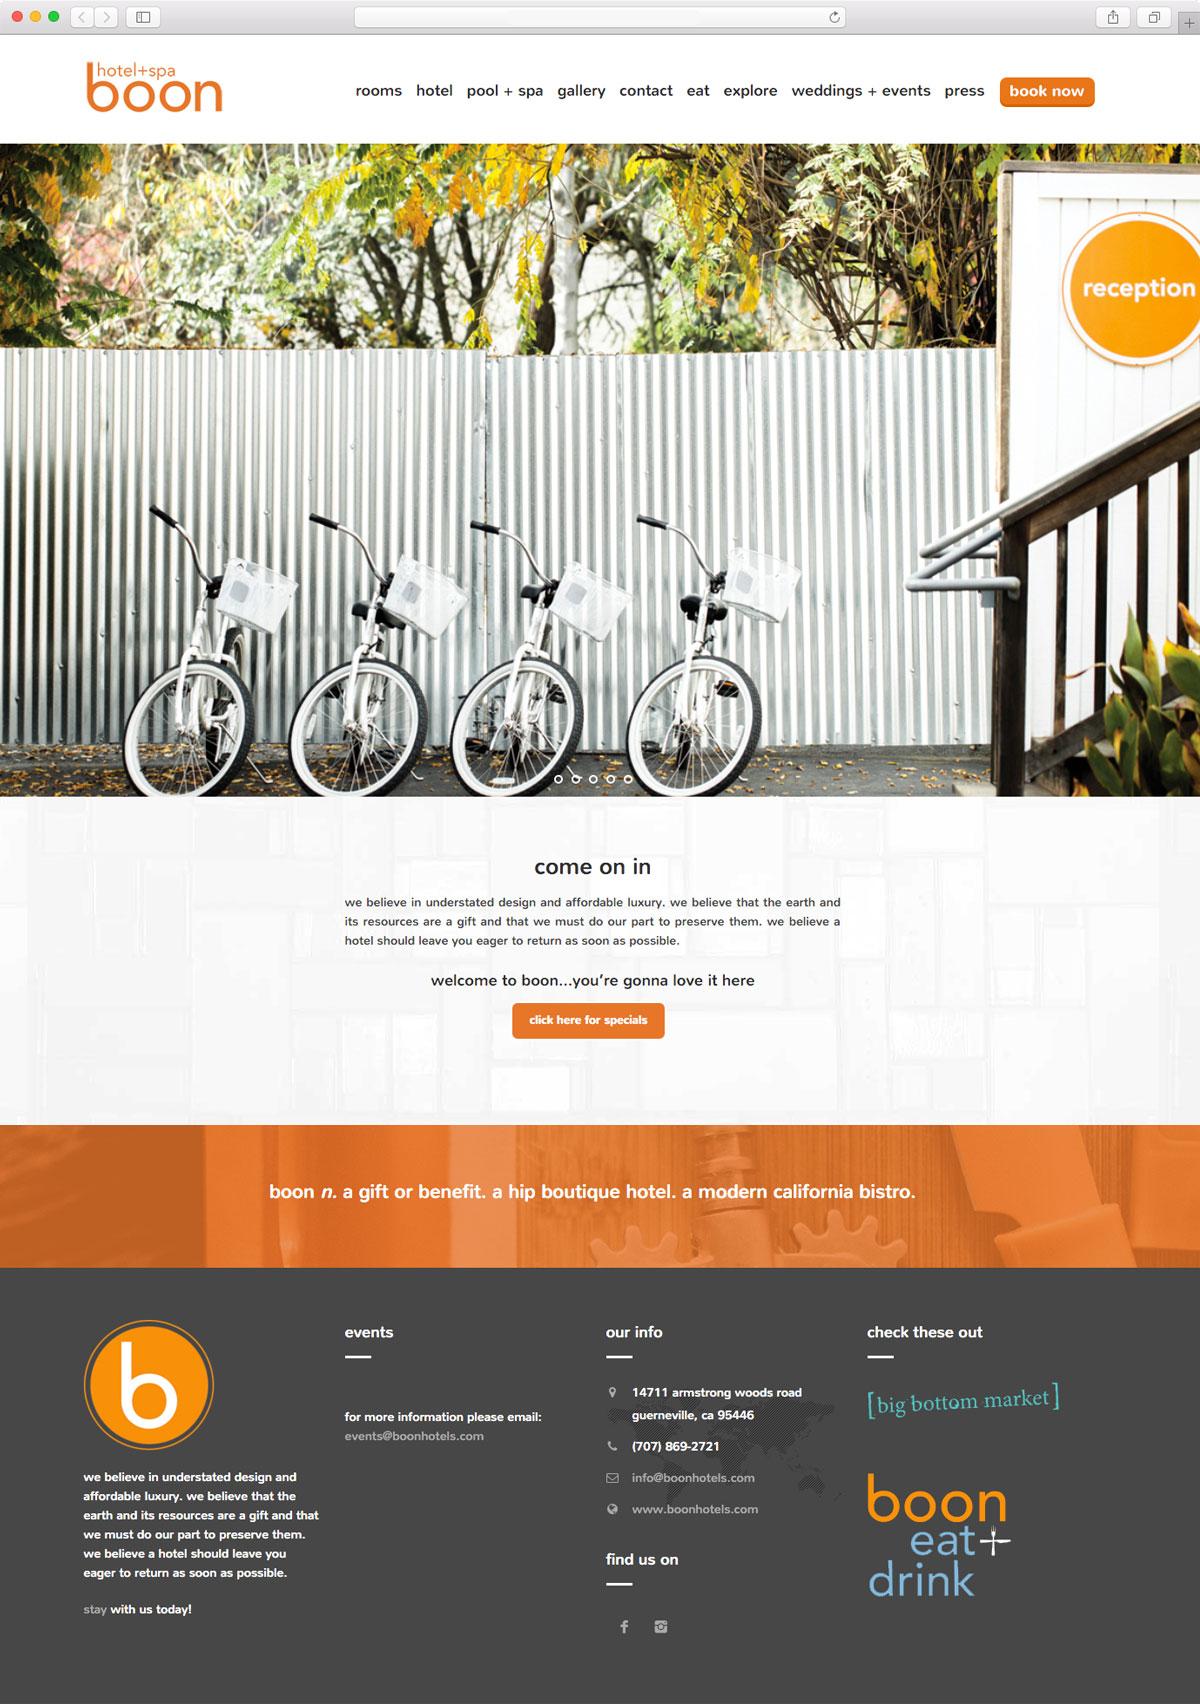 adept_media_boonhotels_homepage